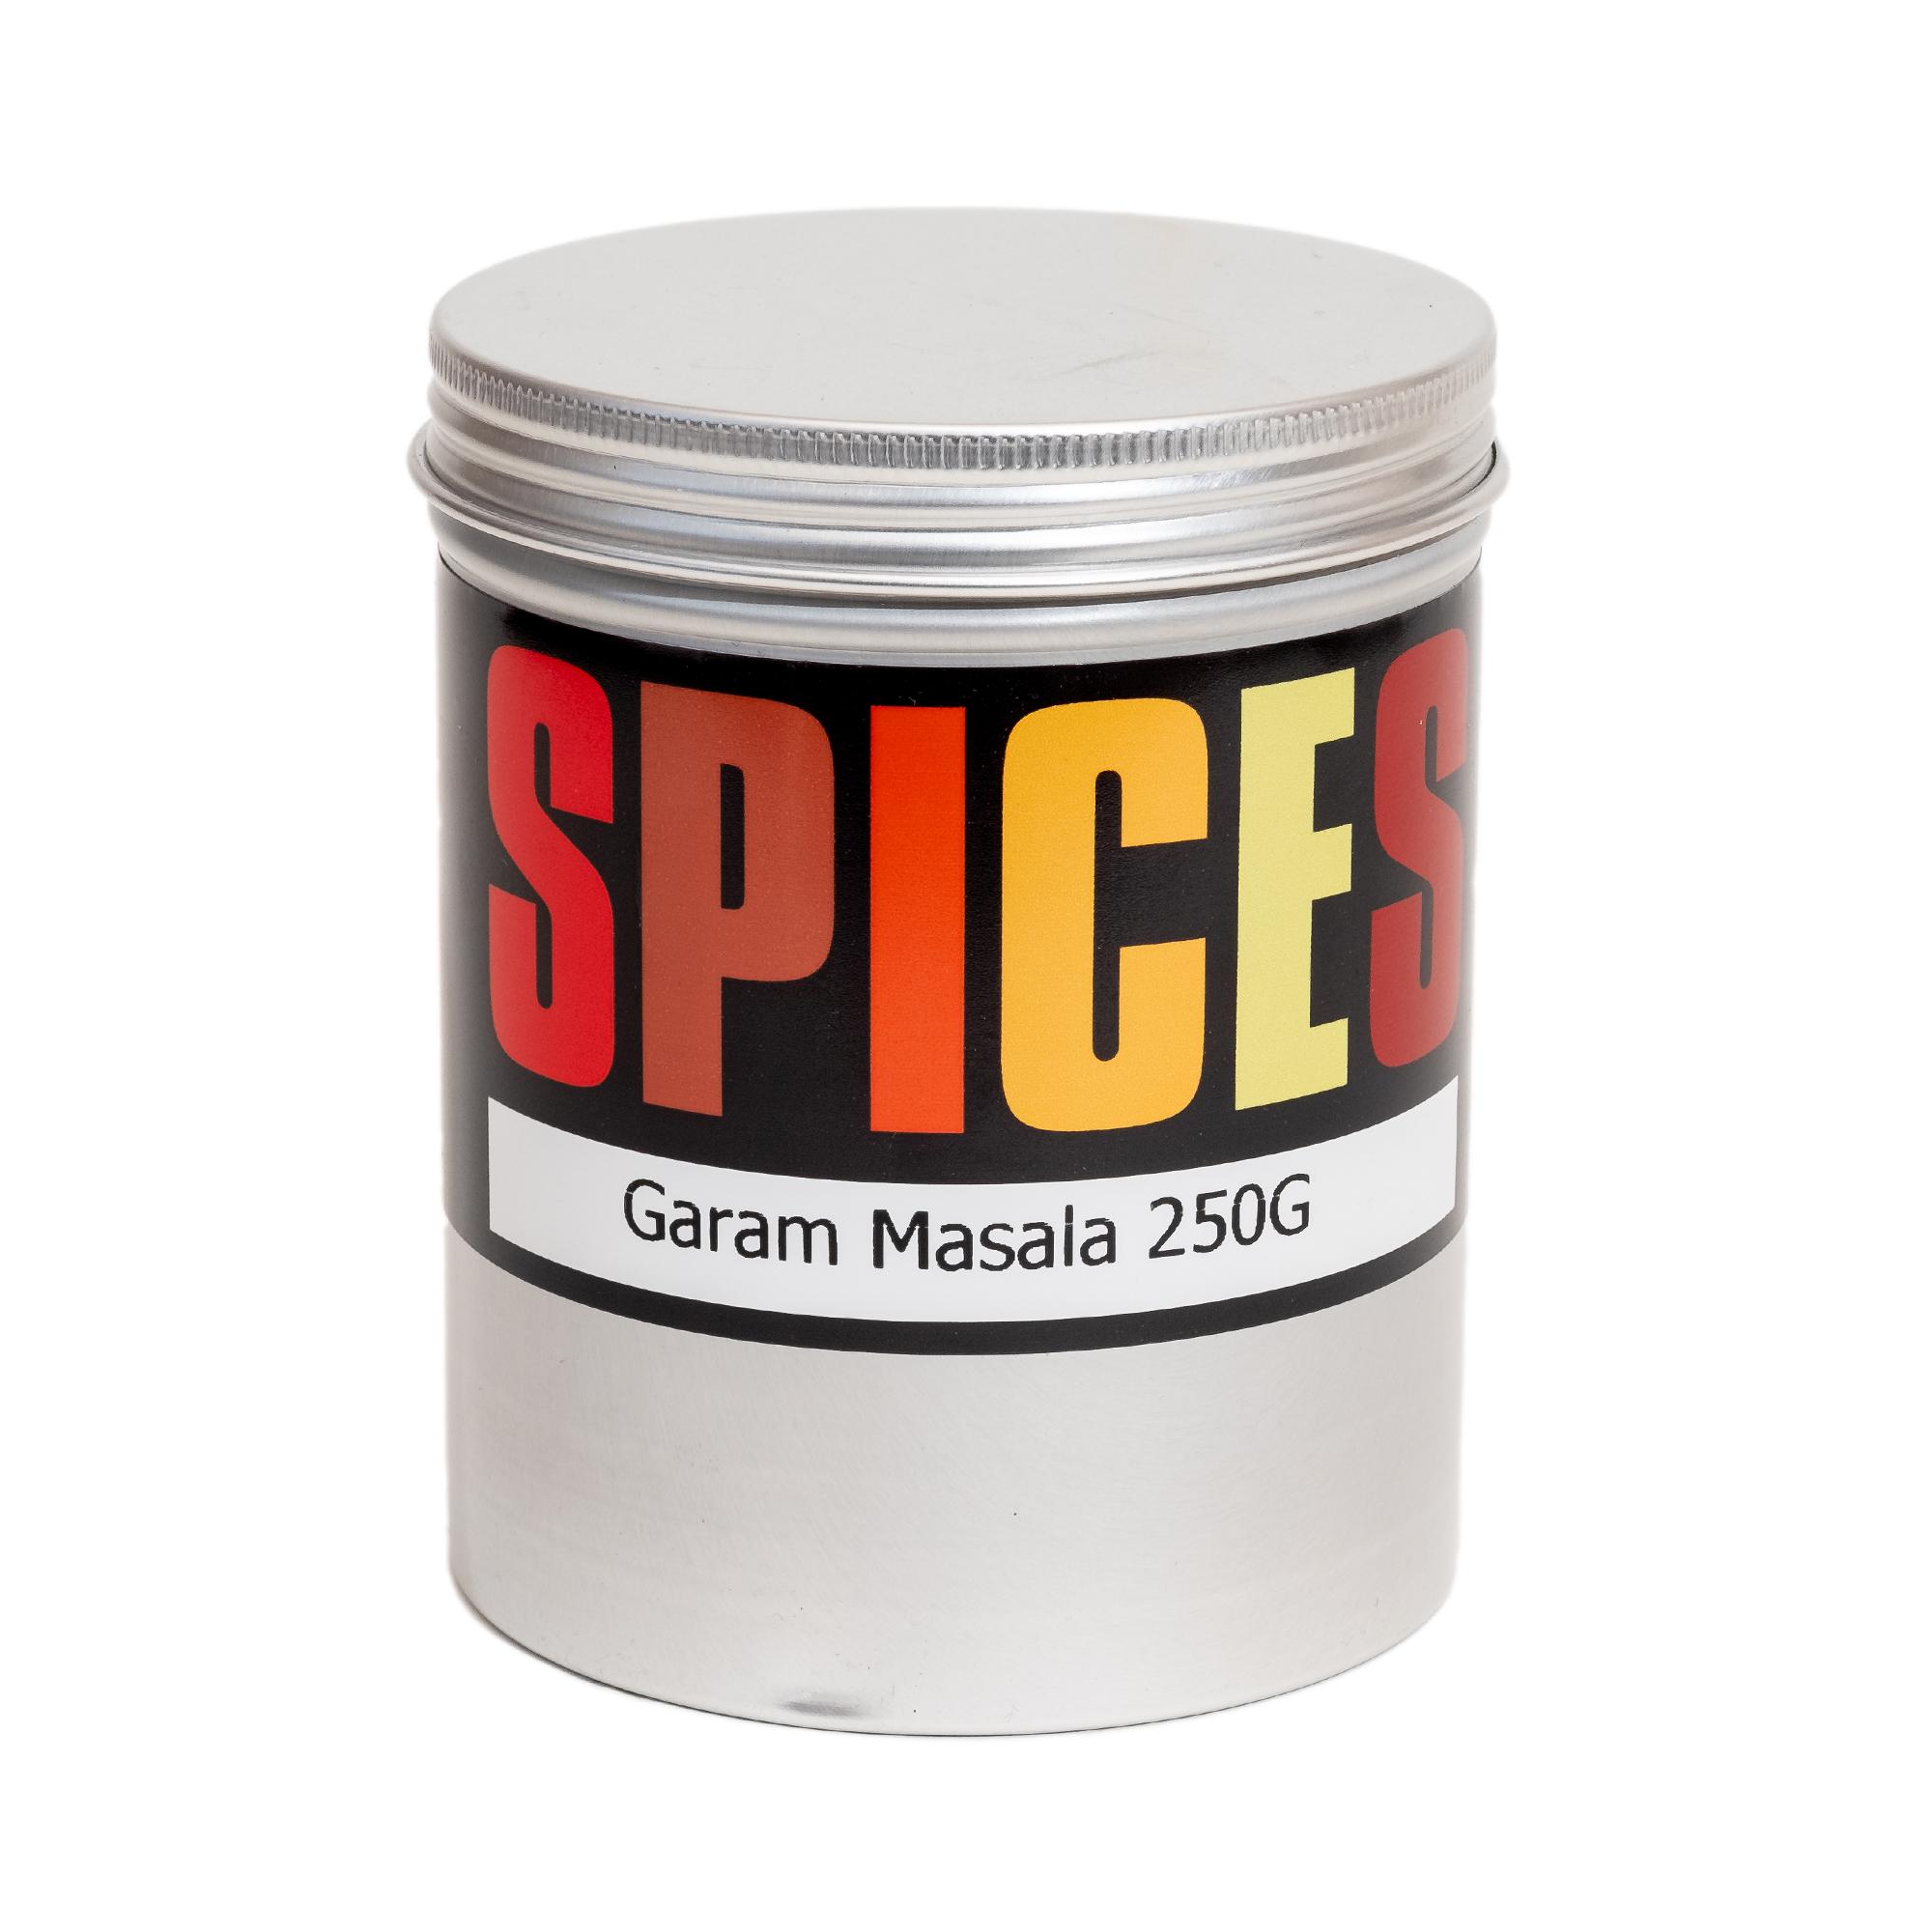 Garam Masala - 250g